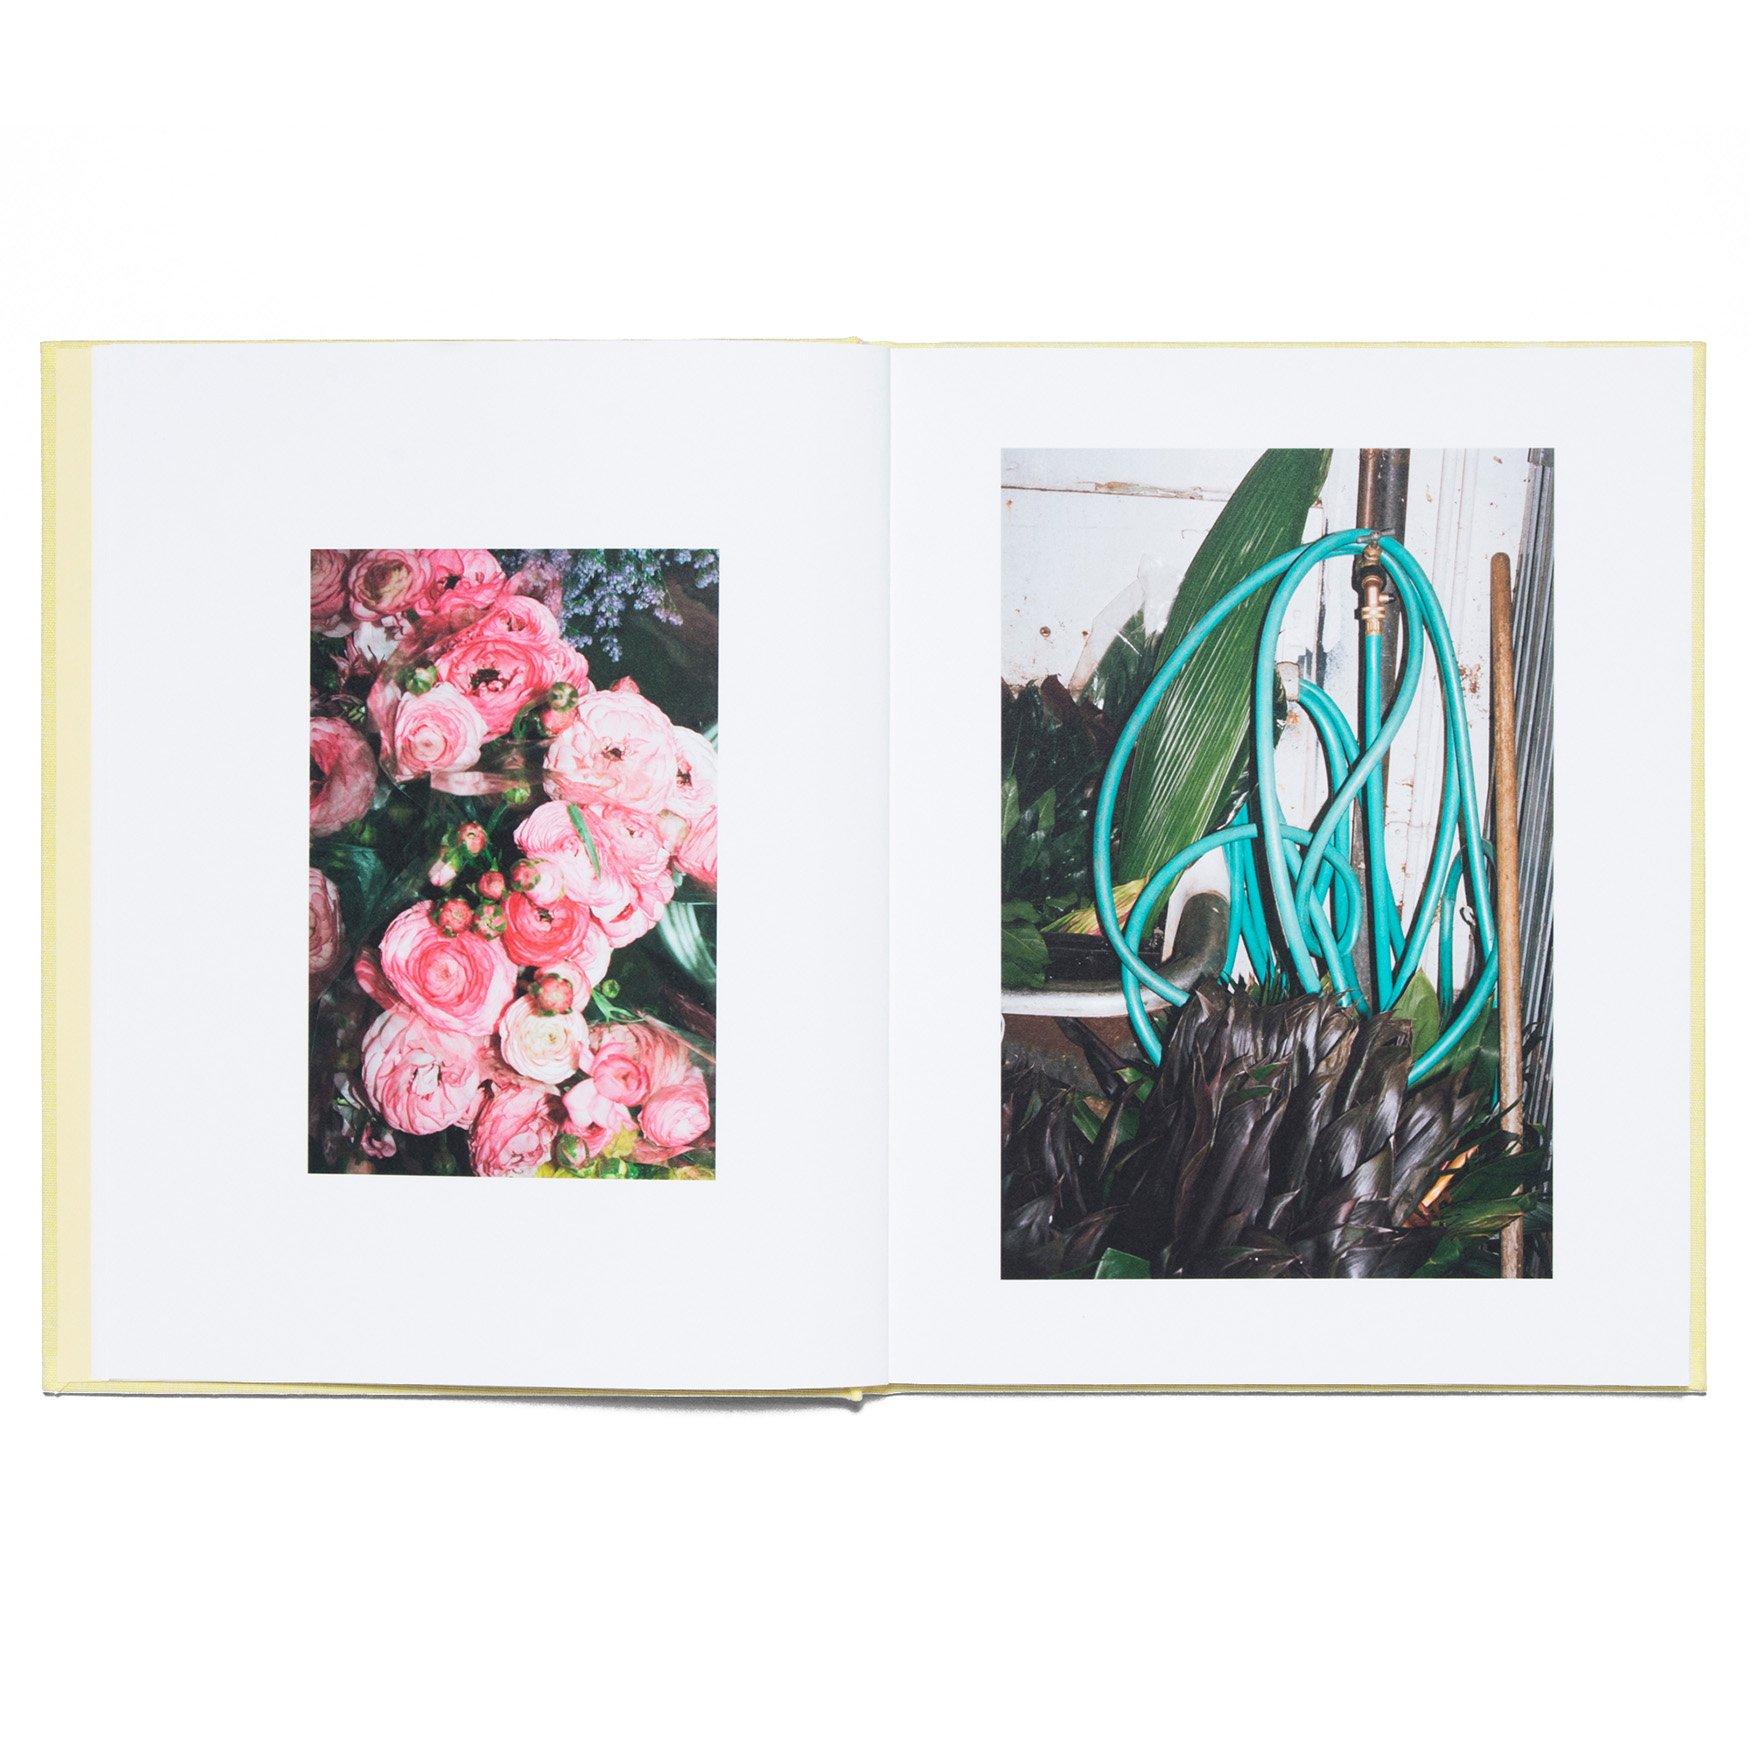 LA_Flower_Market_Book_Detail_4_1920x.jpg